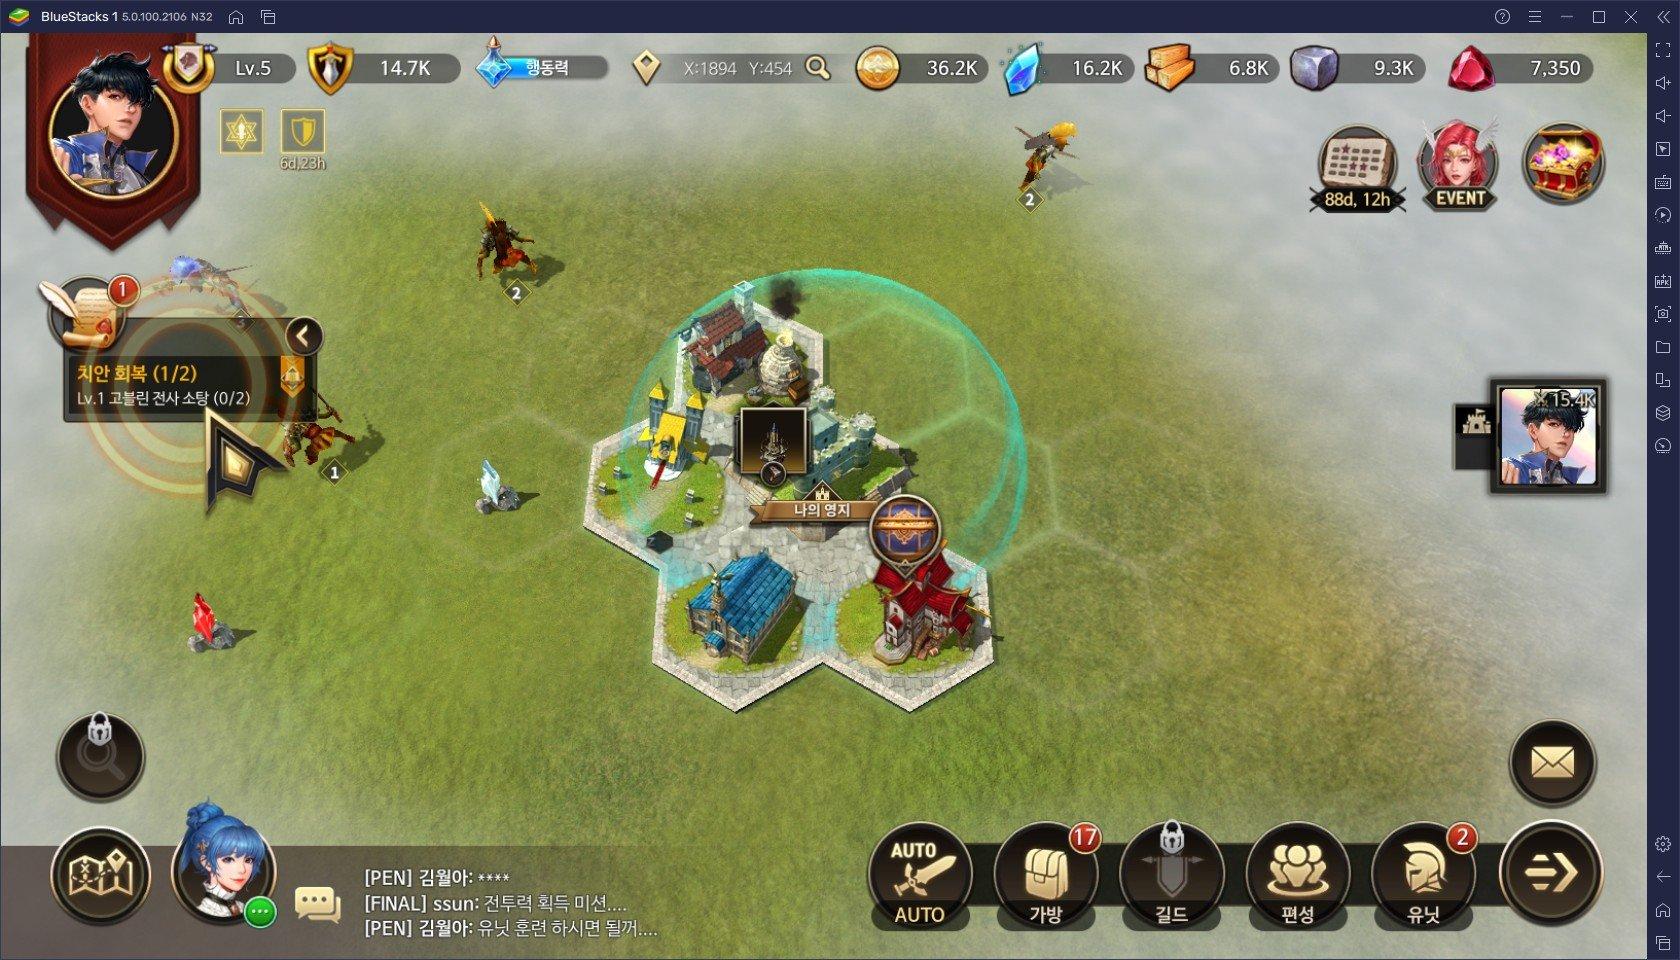 기적의 펜디온 CBT 진행 중, 블루스택에서 뛰어난 편의성을 가진 전략 시뮬레이션 게임을 지금 바로 경험해보세요!